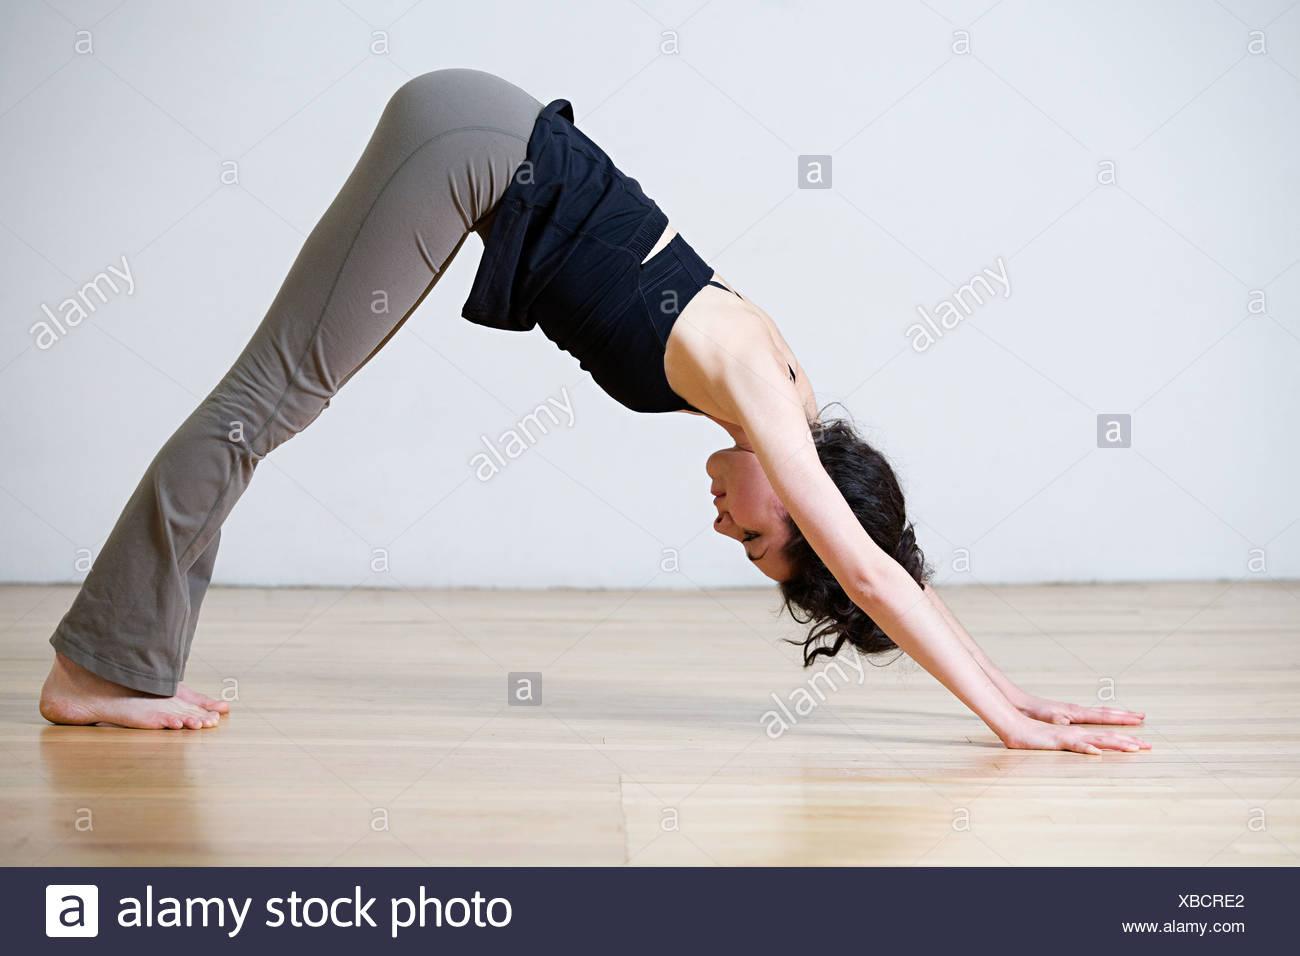 La donna nella posizione del Cane con la testa in giù la posizione durante lo yoga Immagini Stock